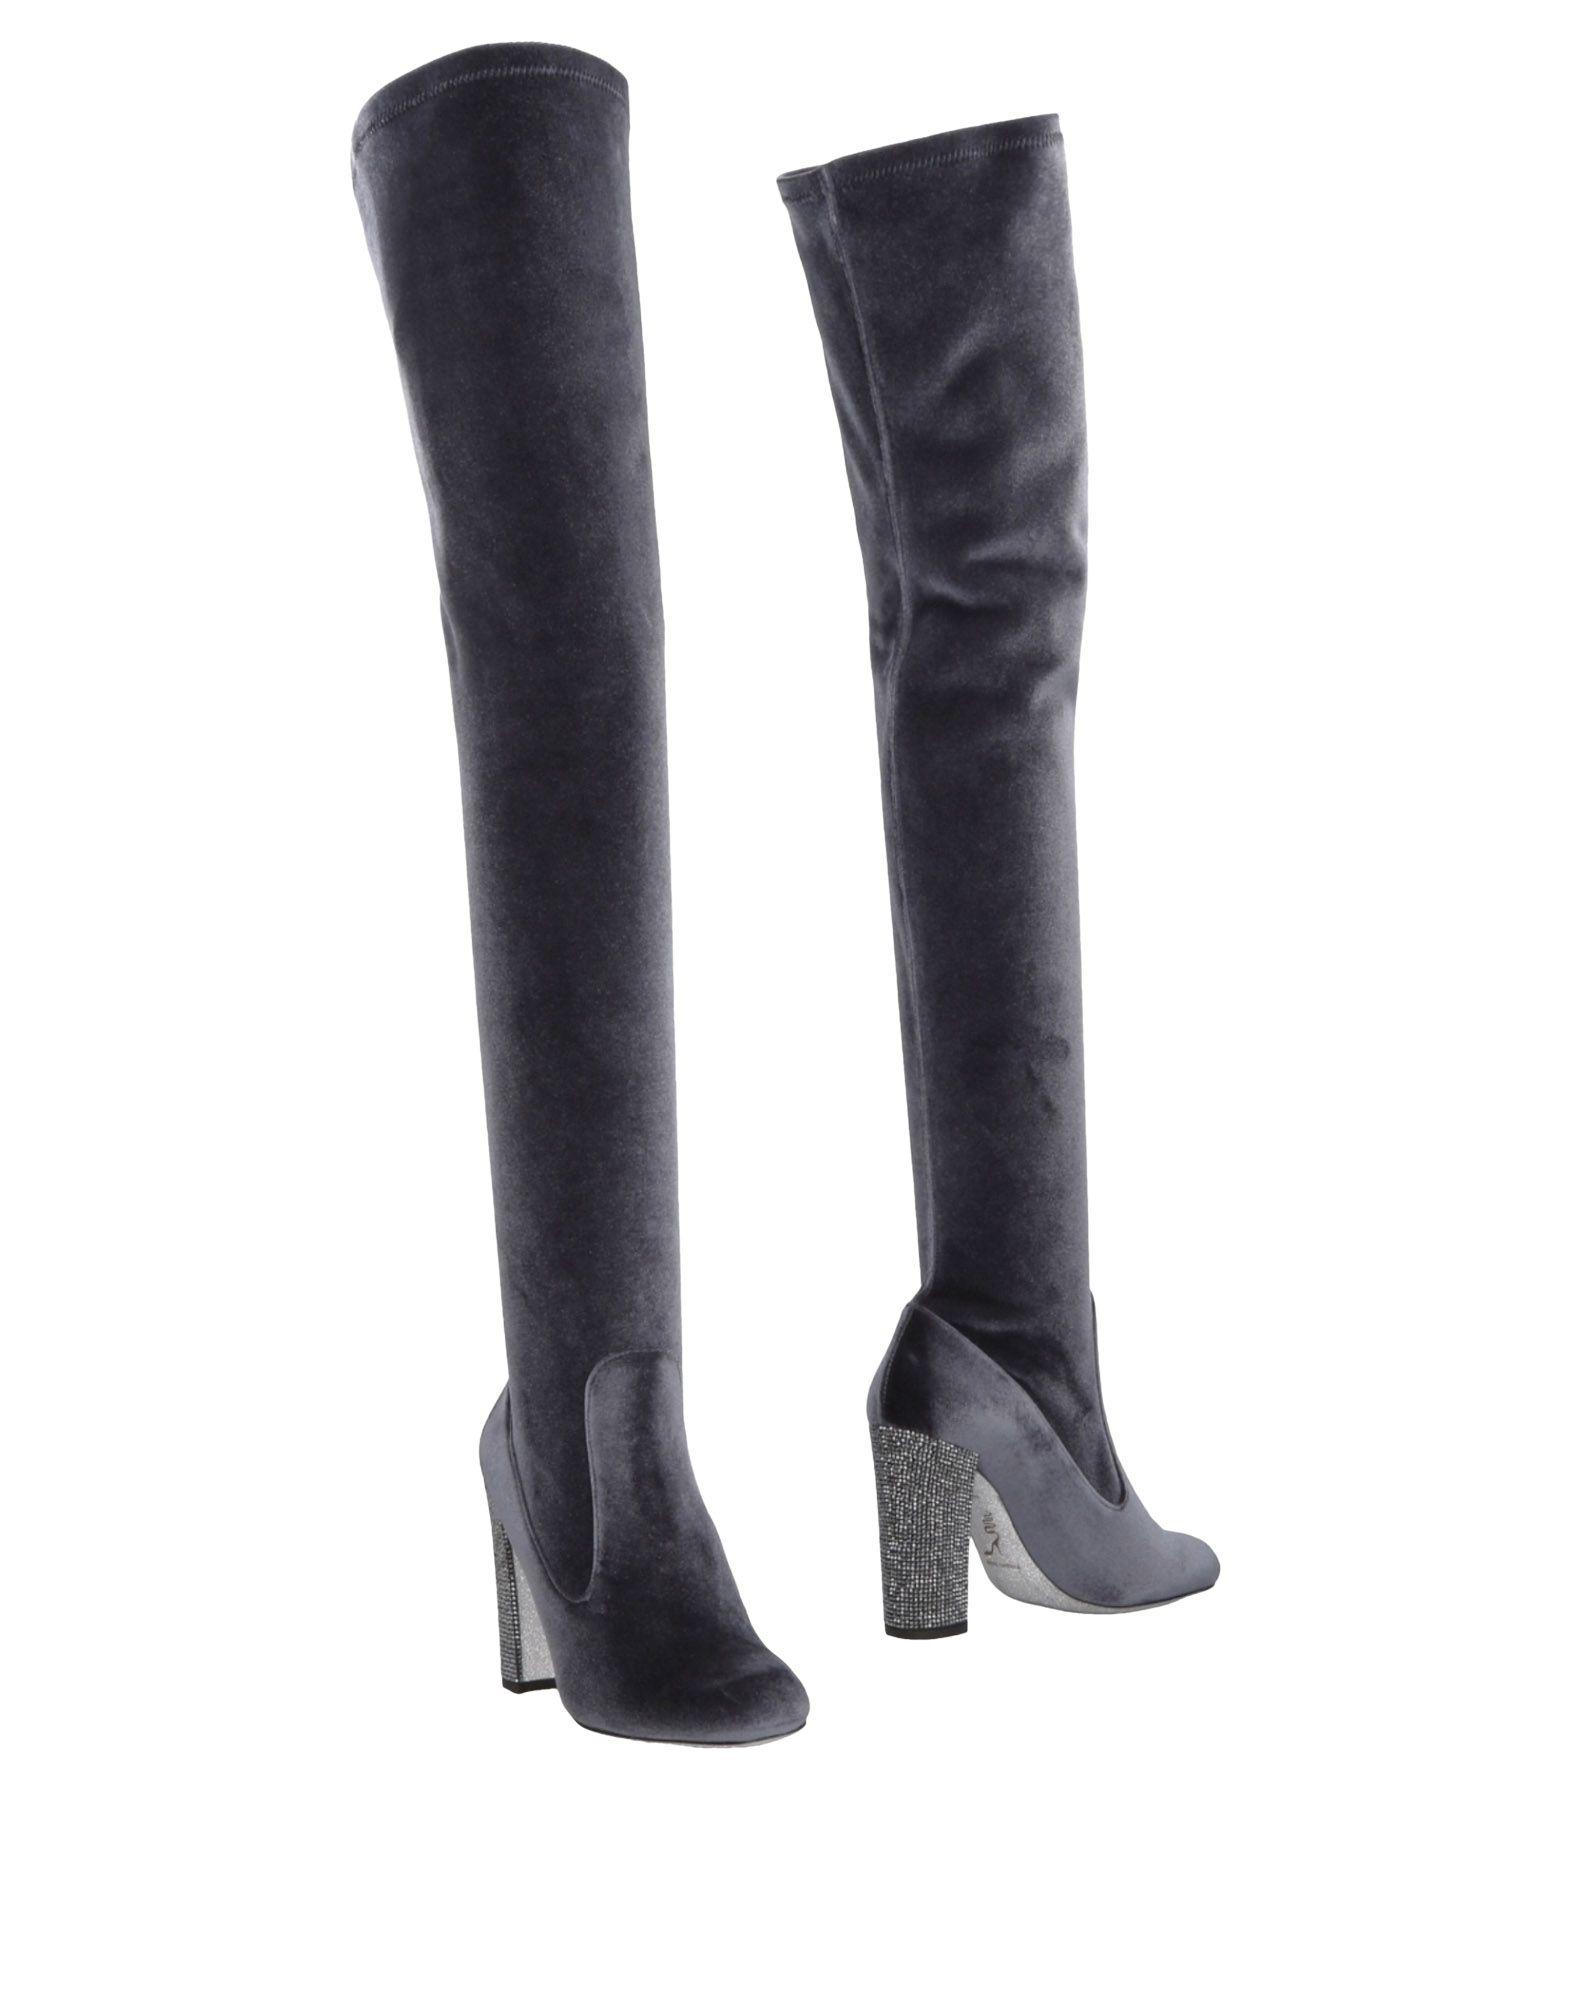 Rene' Caovilla Stiefel Damen aussehende  11462968QCGünstige gut aussehende Damen Schuhe 1a36dc